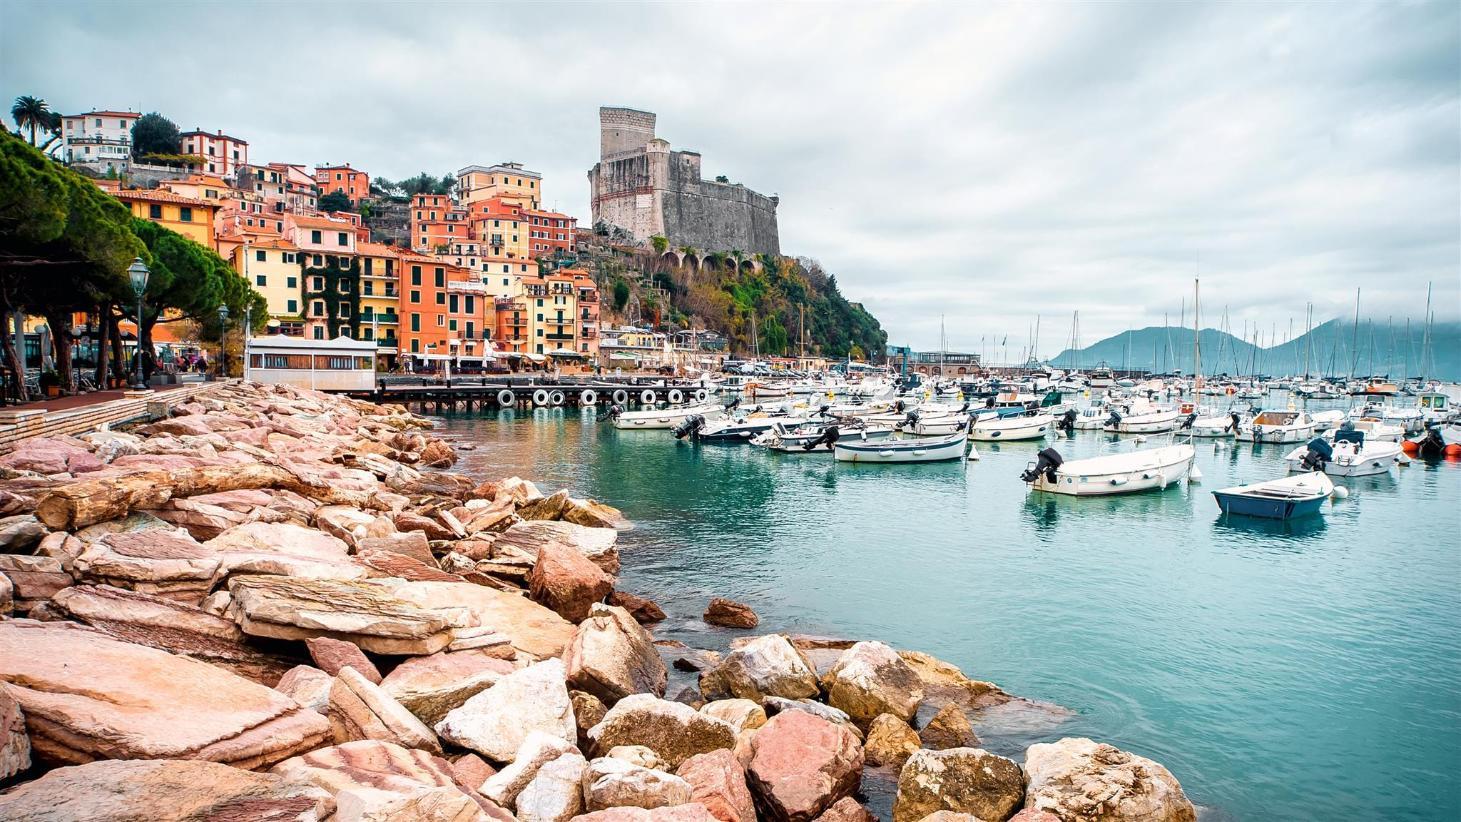 Nhà nghỉ Porto - Giá tốt nhất + Hình ảnh HD của Nhà nghỉ ở Porto